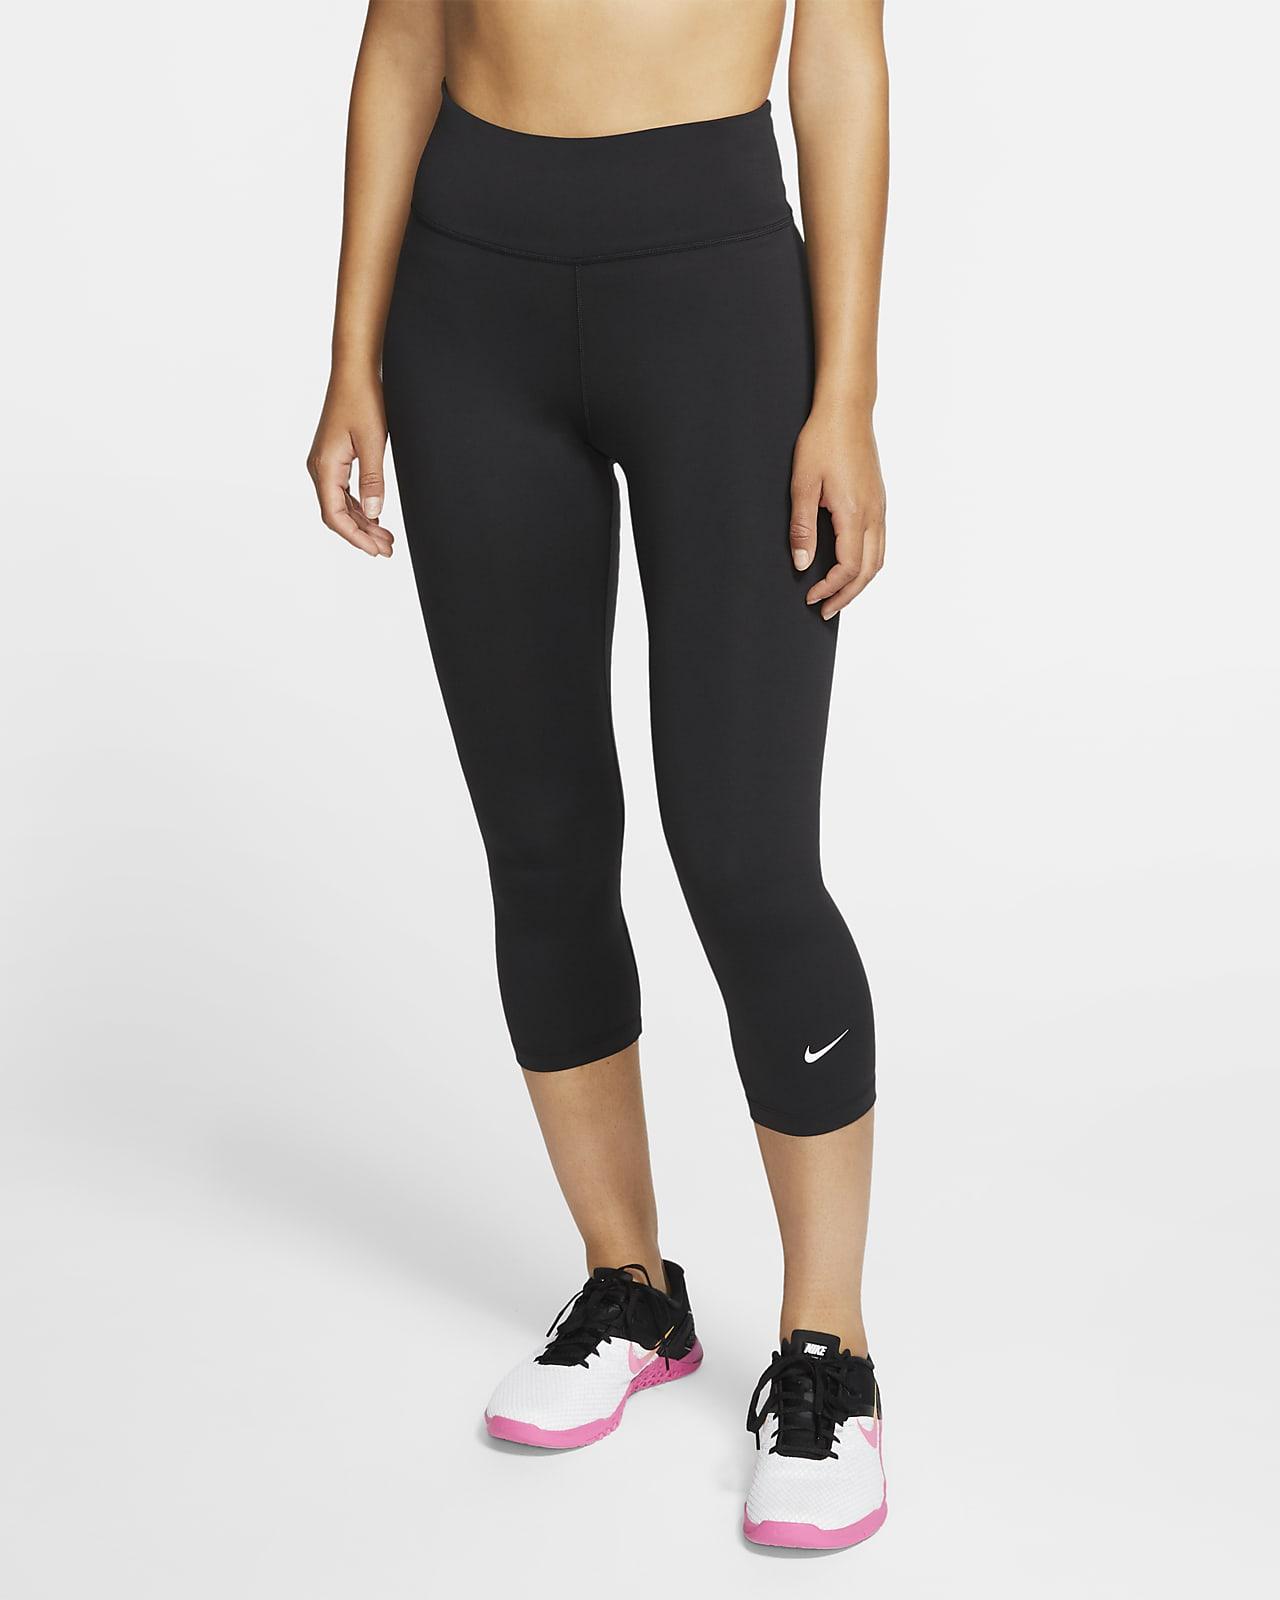 Γυναικείο κάπρι Nike One